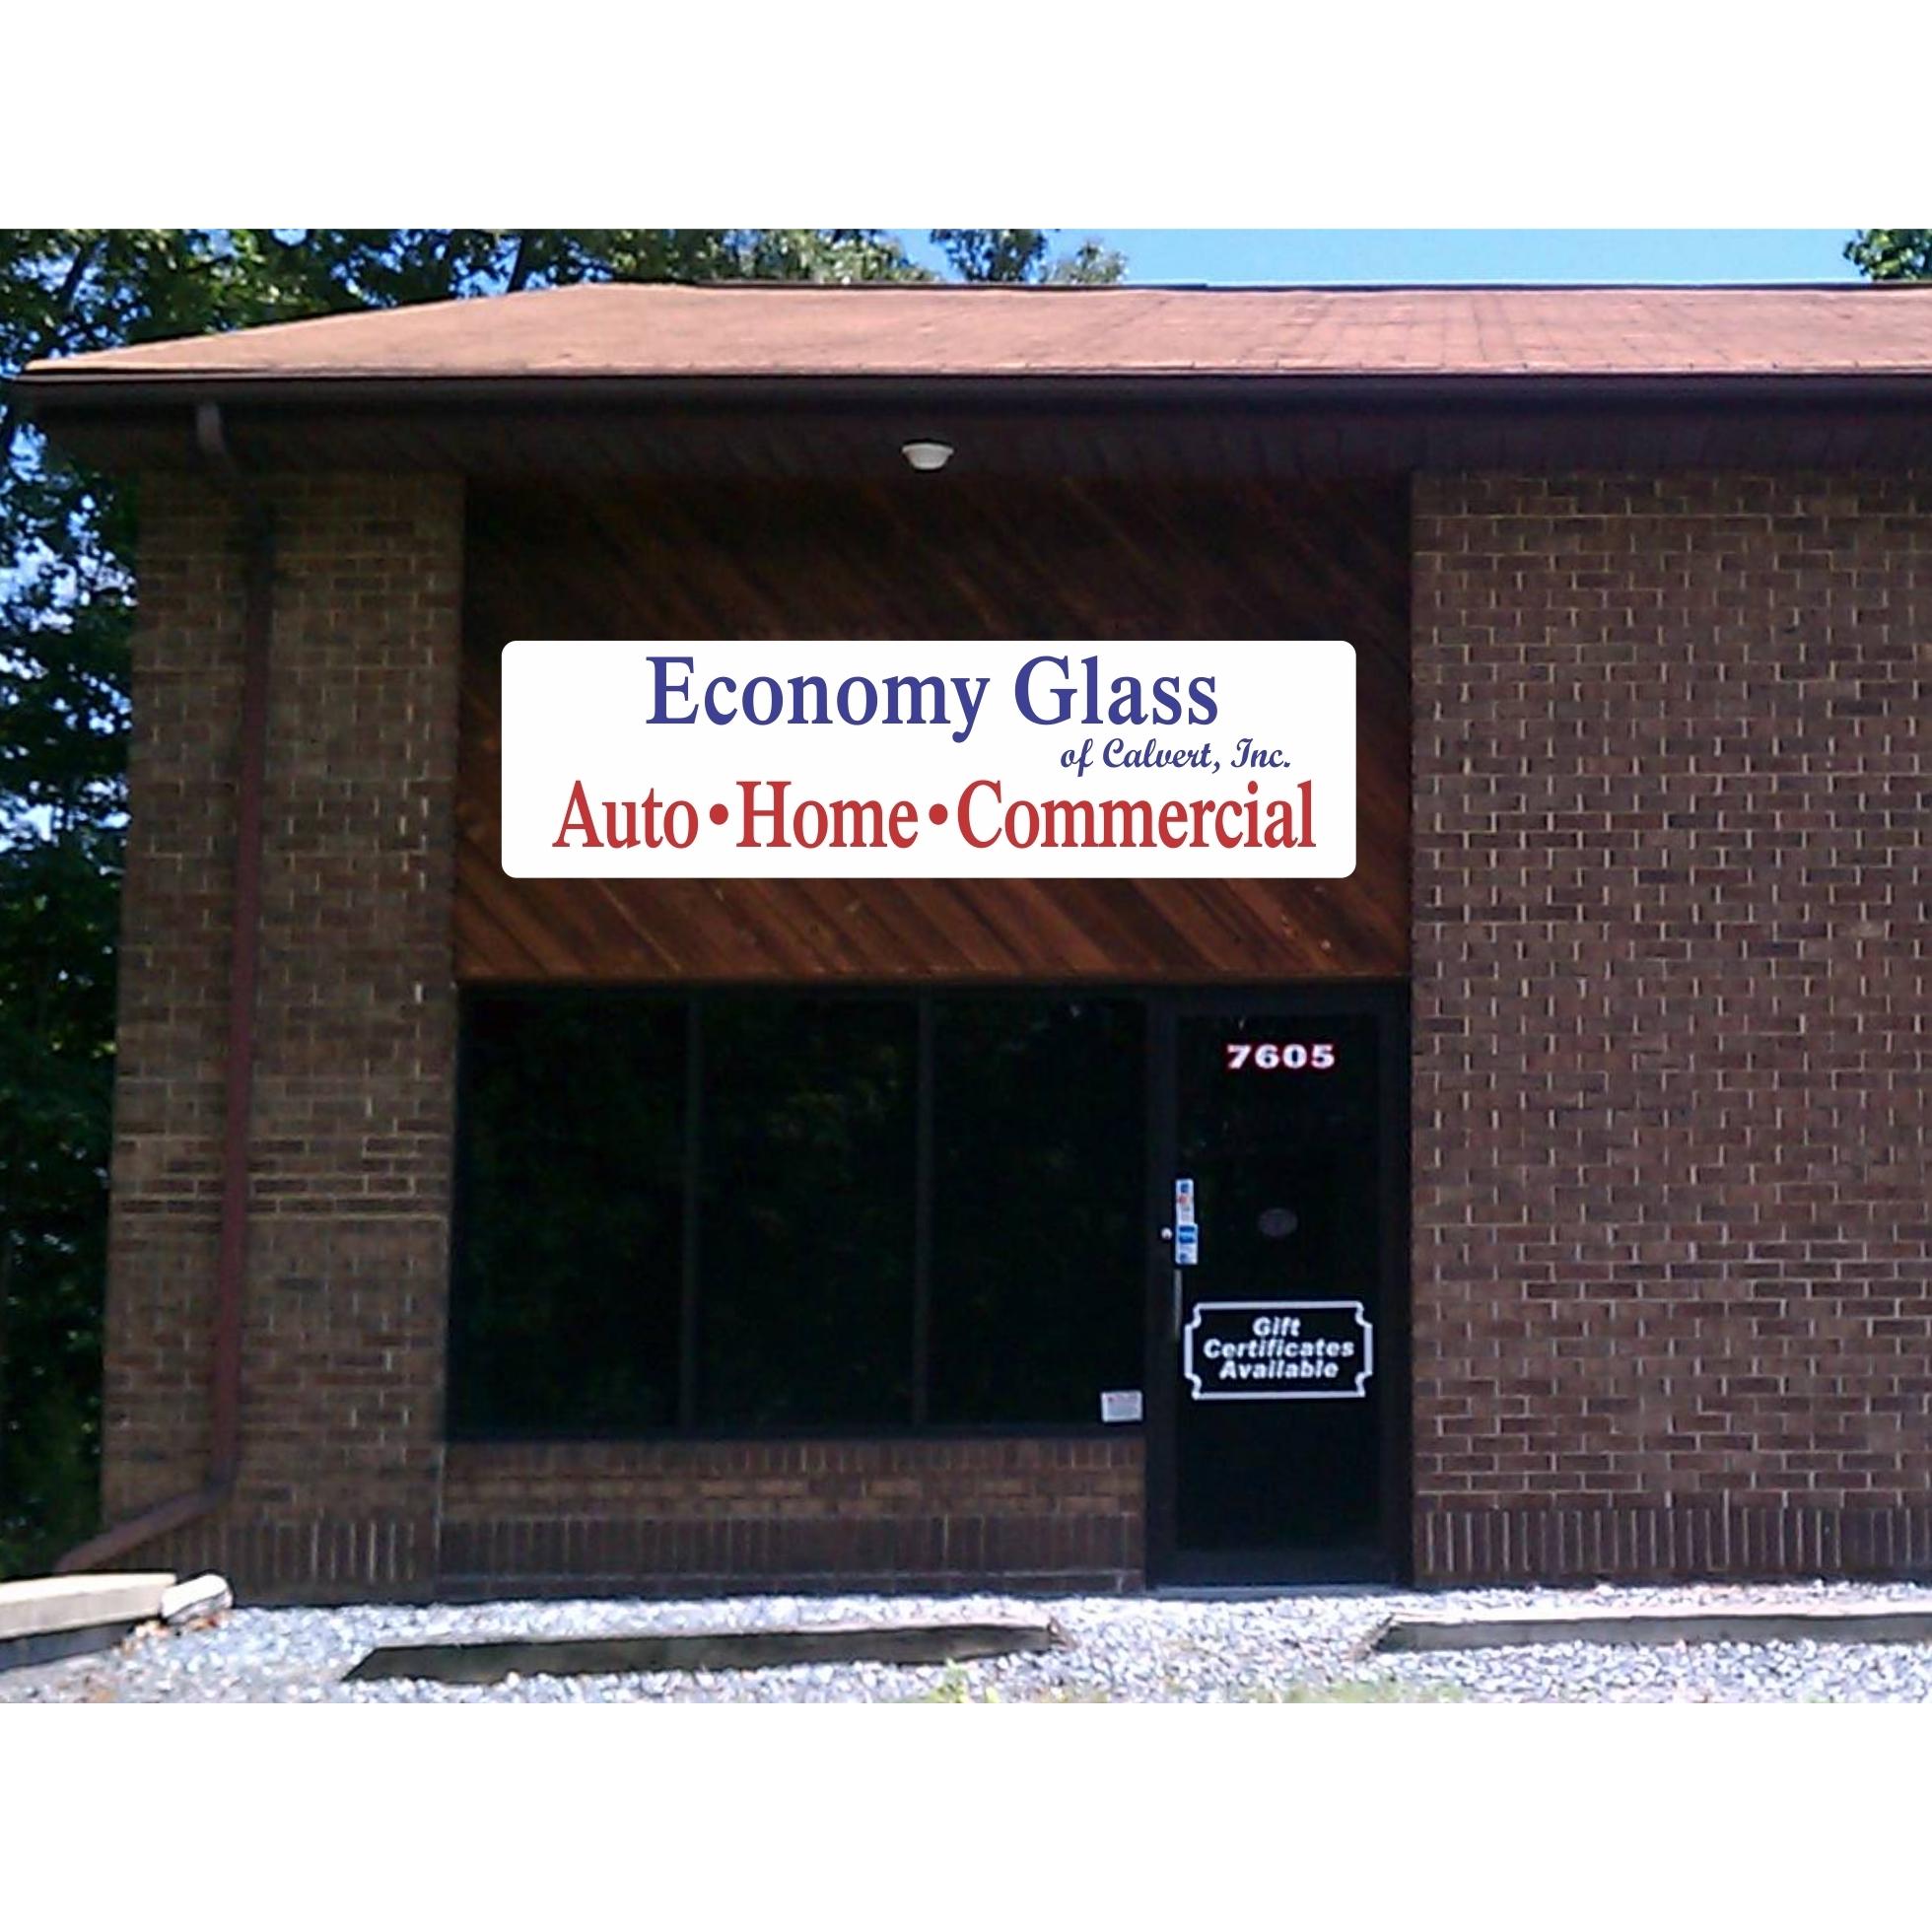 Economy Glass of Calvert, Inc. image 11